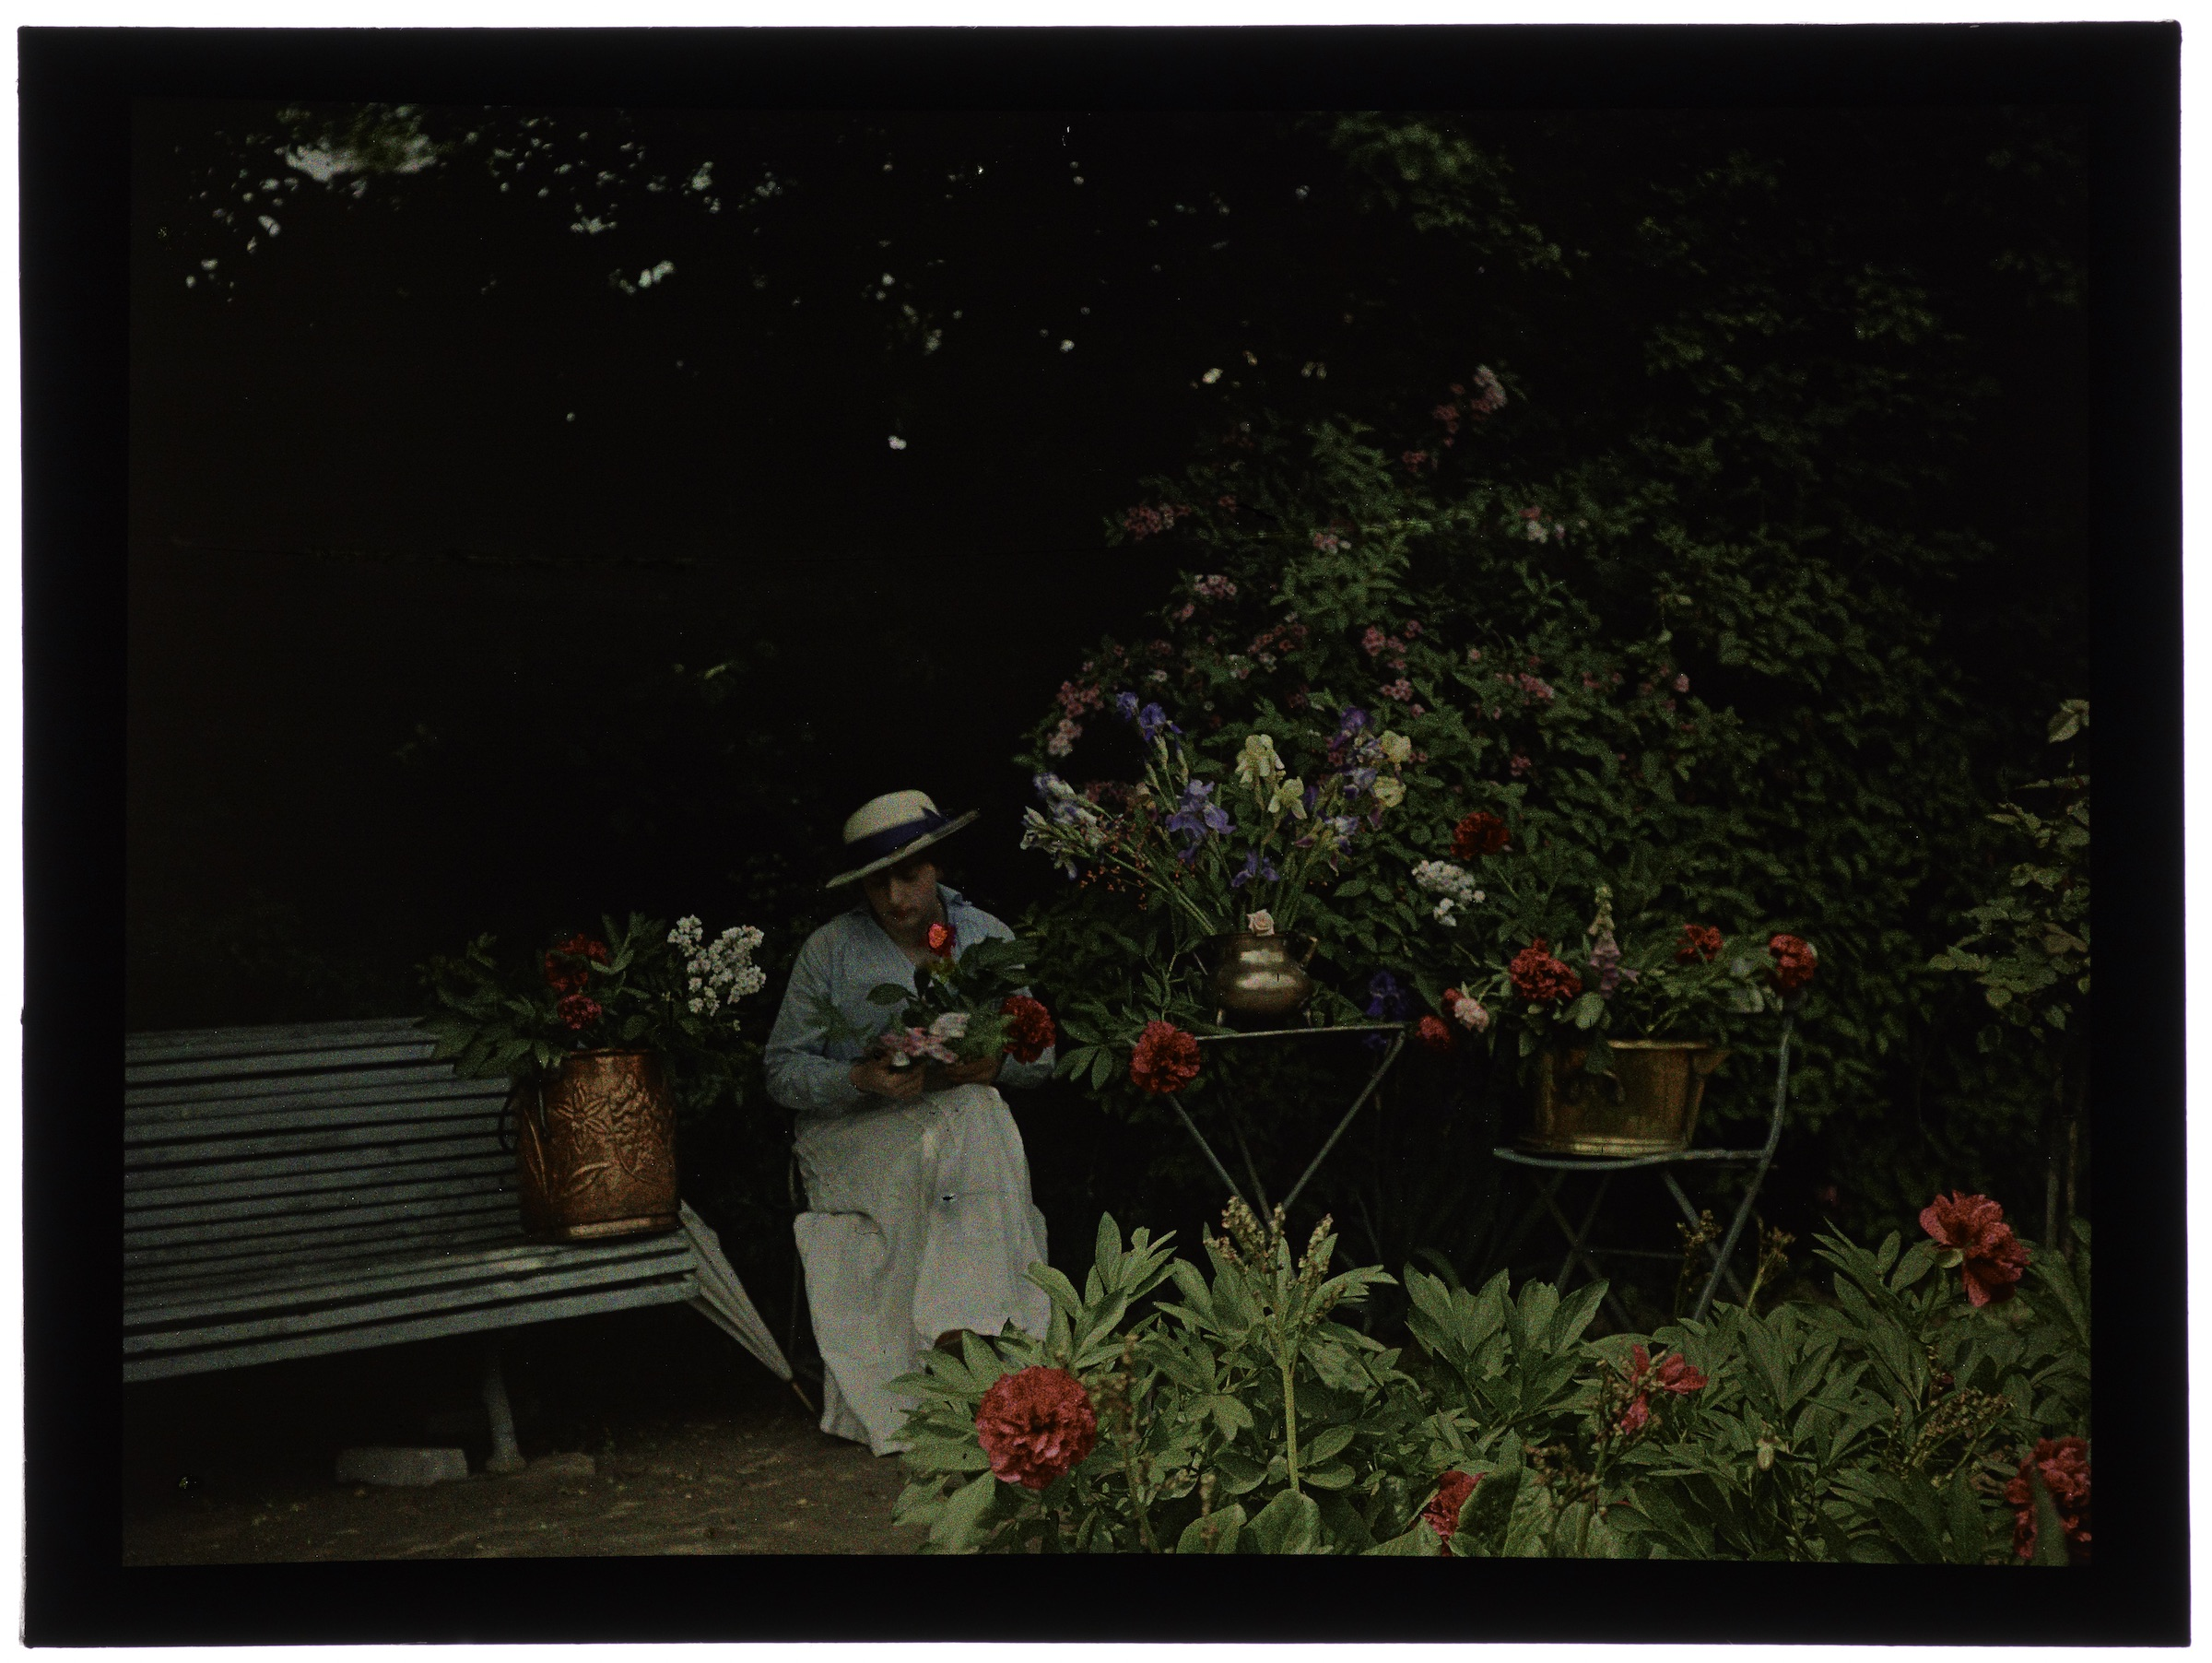 Femme au jardin en fleurs